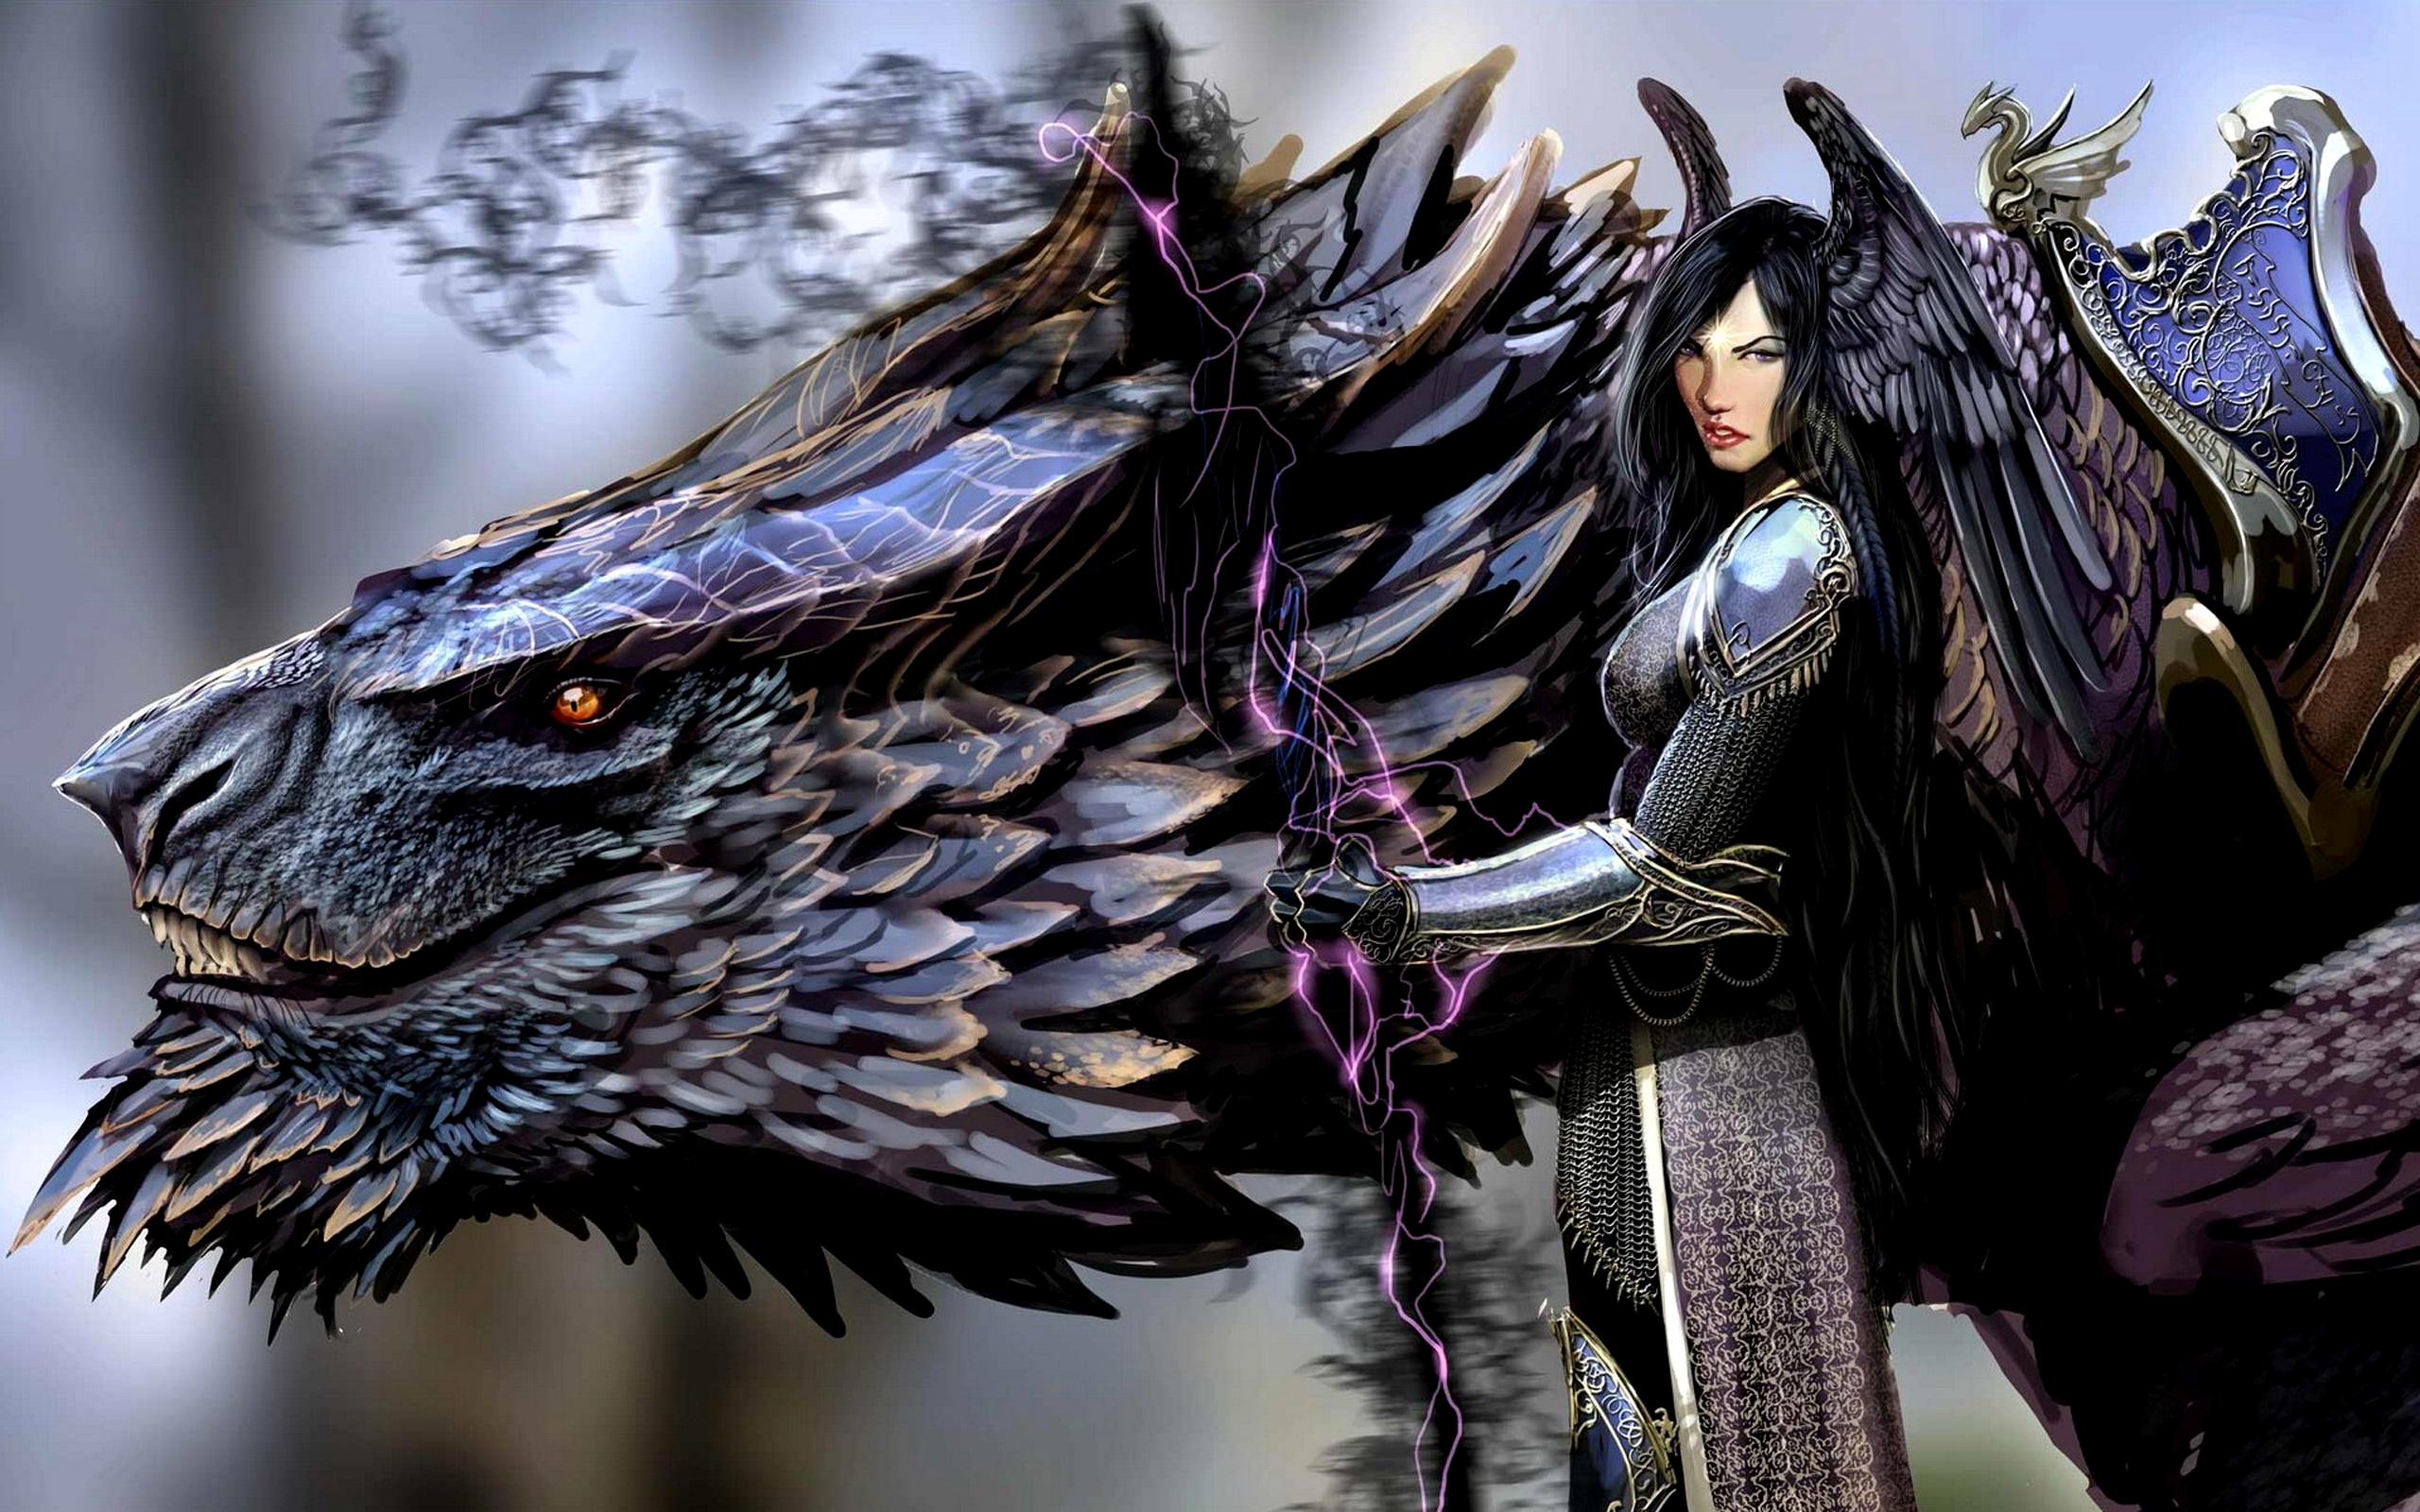 Women Warrior Art - ID: 109251 - Art Abyss